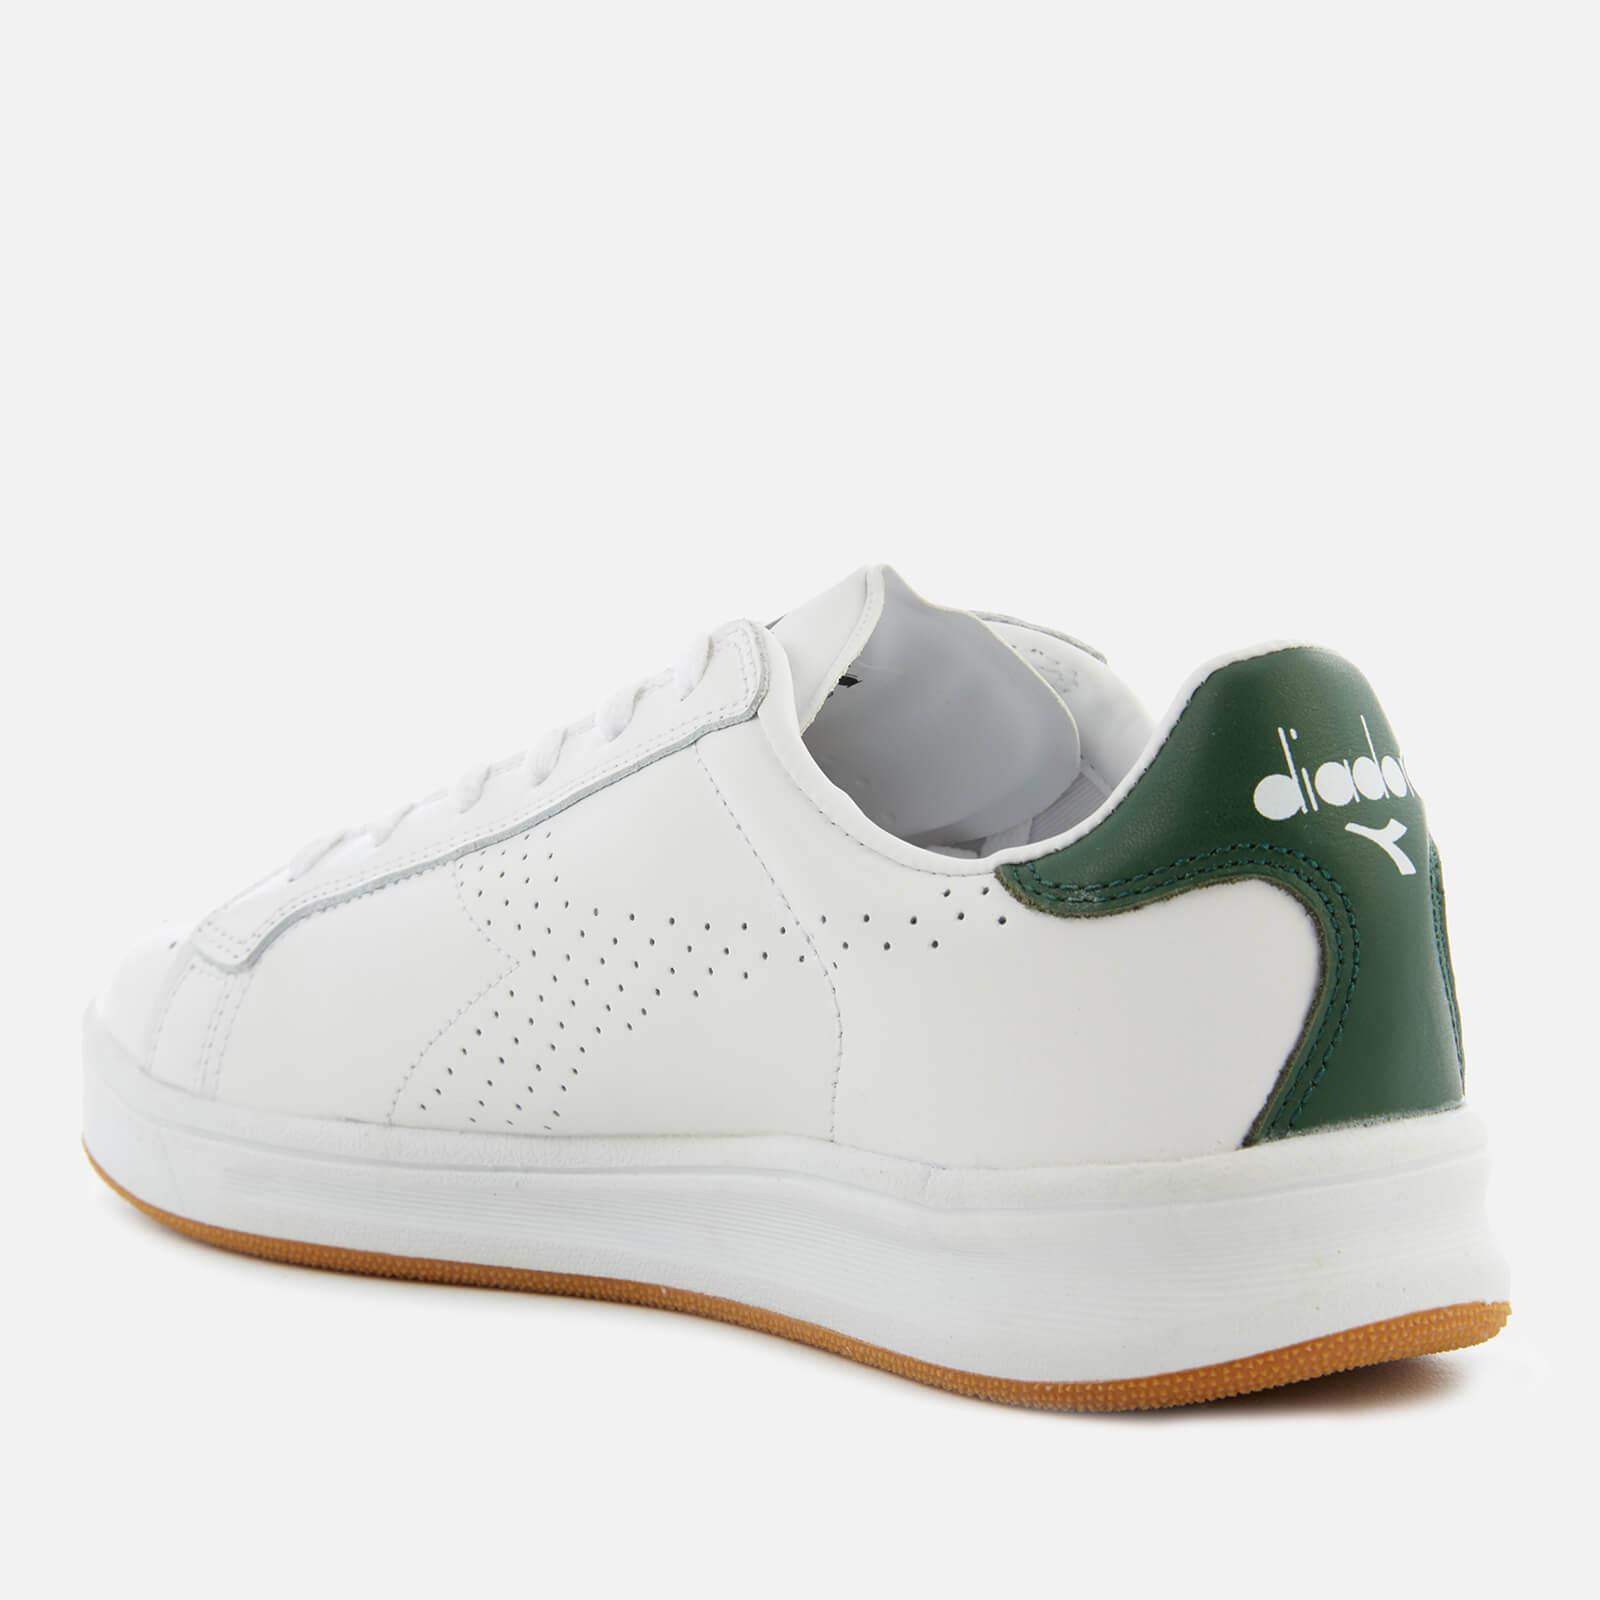 Sconto del 60% qualità eccellente vendita scontata Diadora Leather Martin Trainers in White/Green (White) for ...